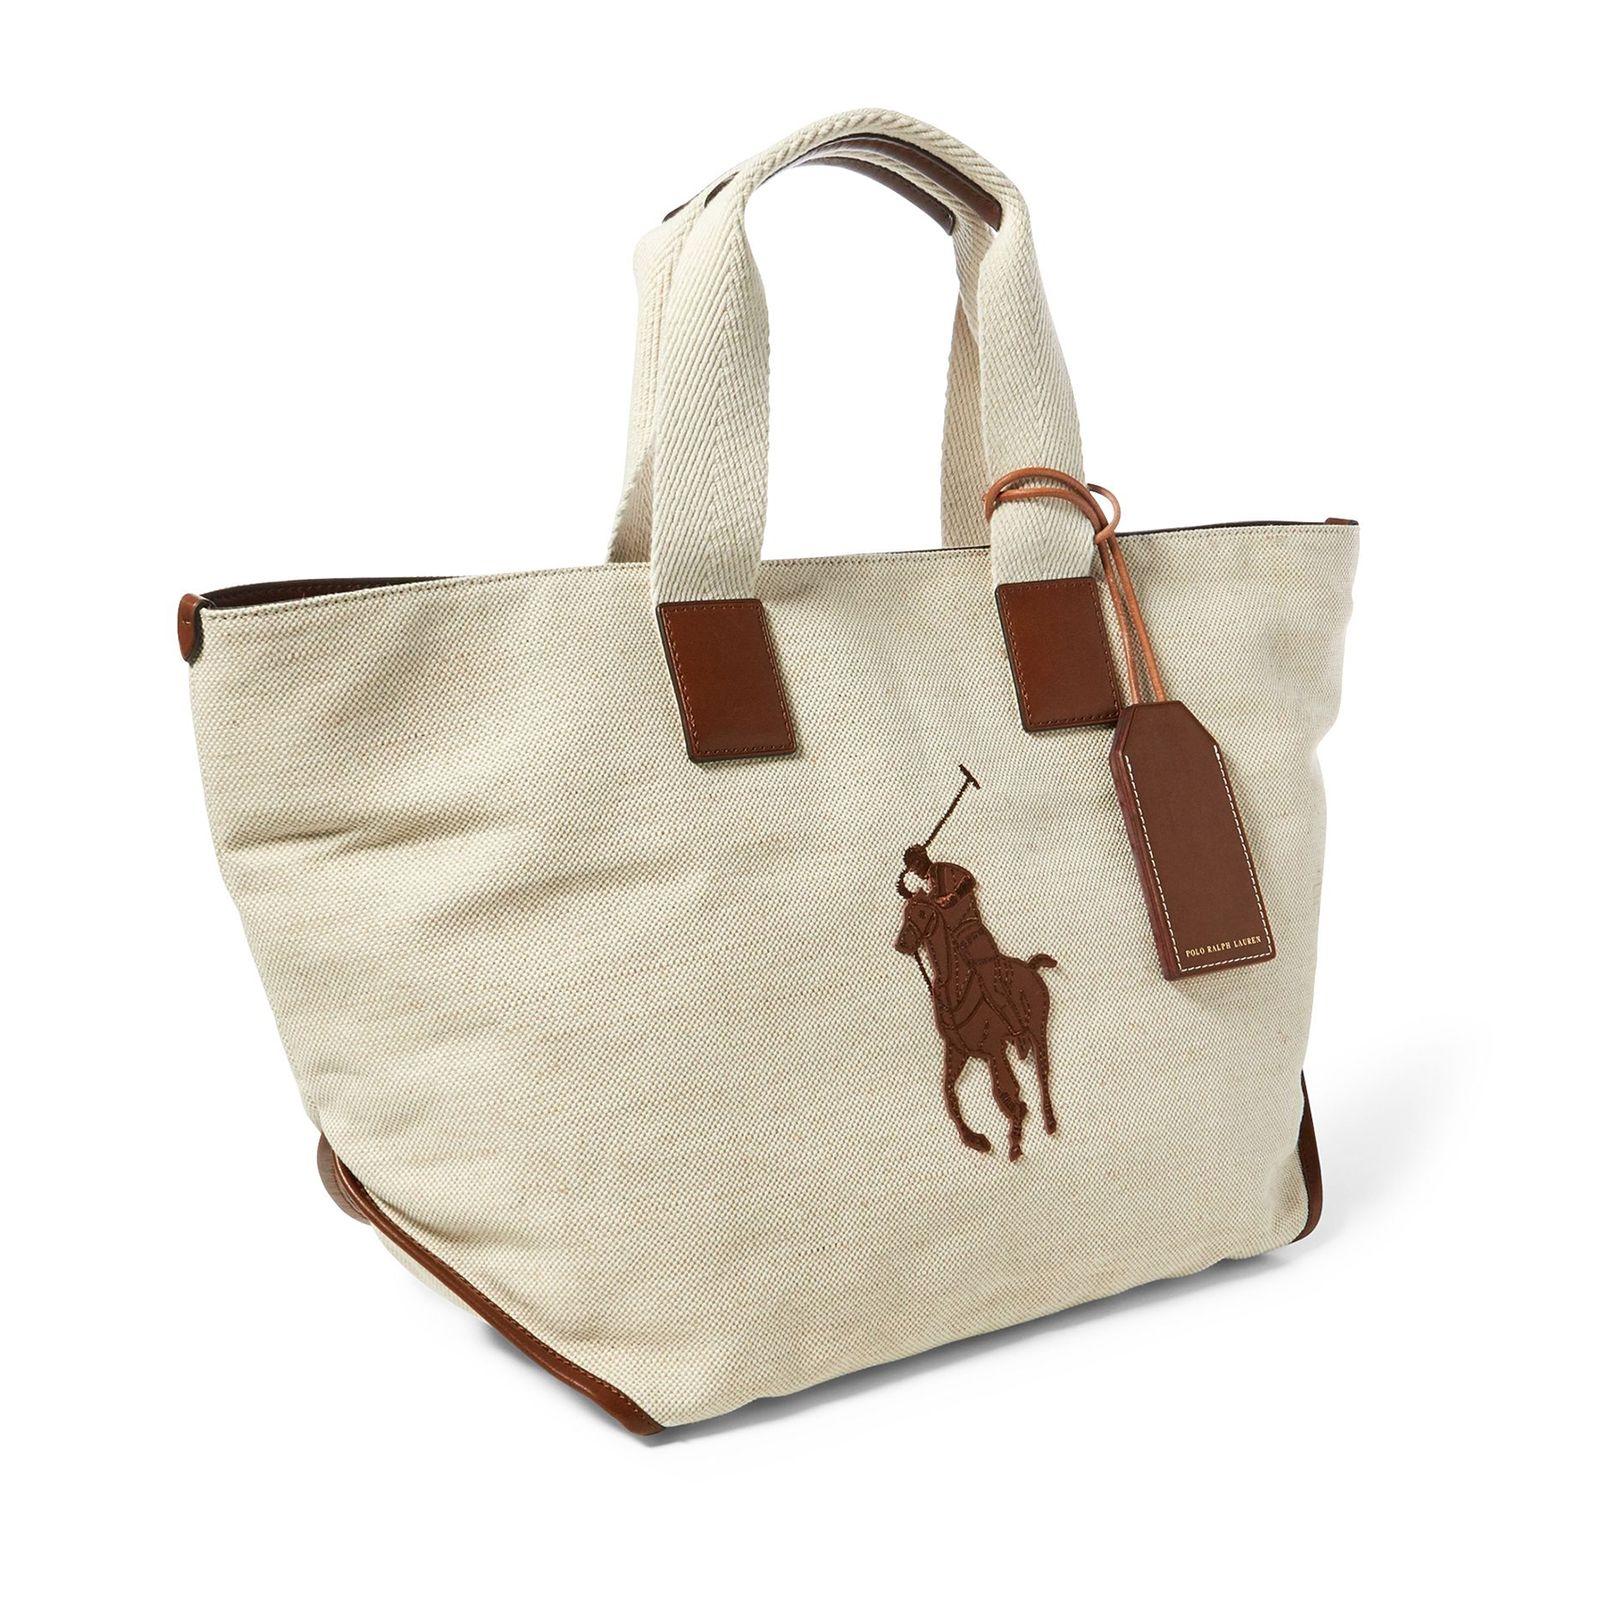 25e41c3b43eb5 Bawełniana torebka RALPH LAUREN – Kup Teraz! Najlepsze ceny i opinie ...